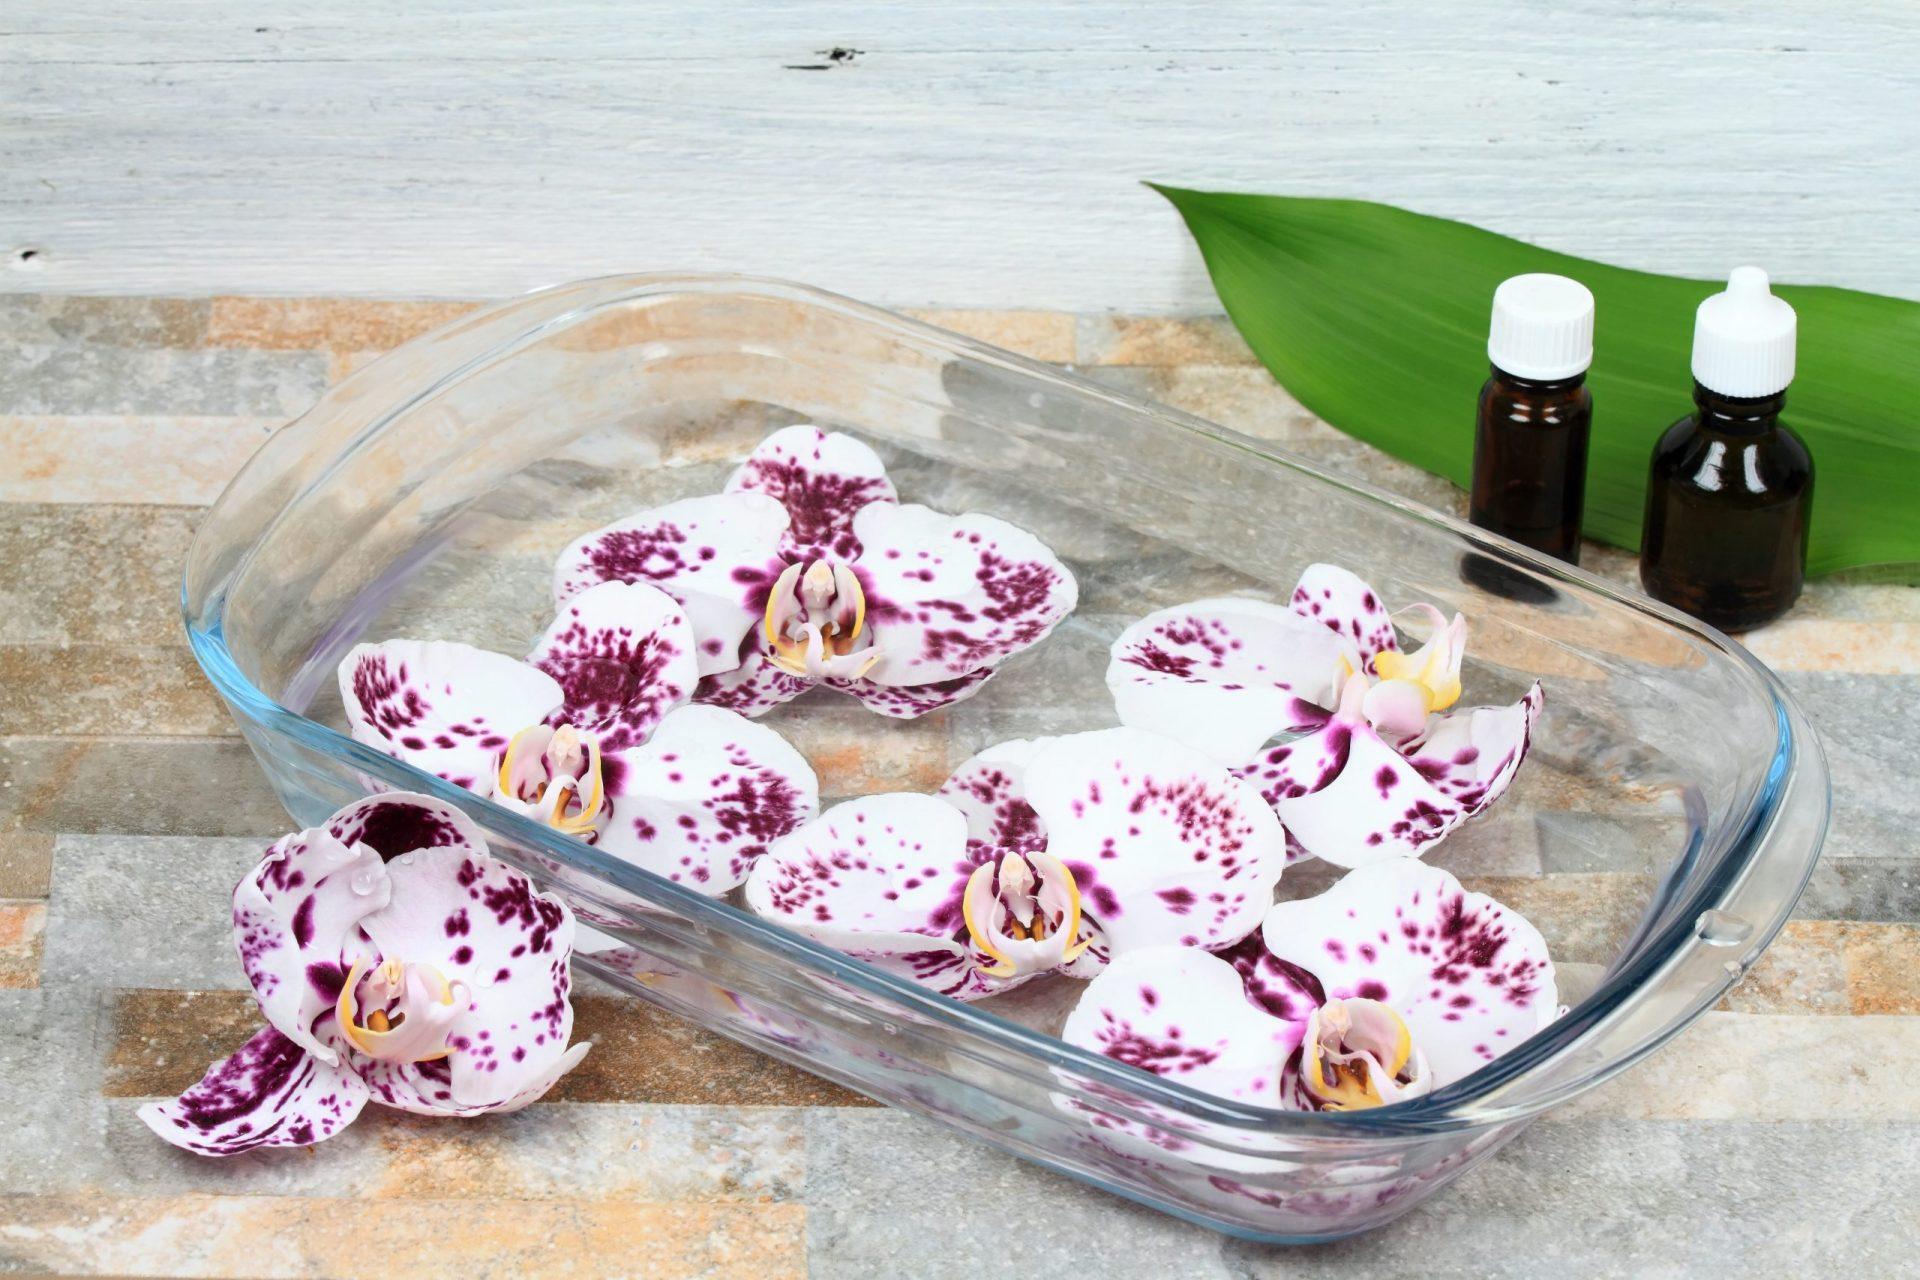 Homeopatia para parar de fumar: Florais, o tratamento que vem das flores